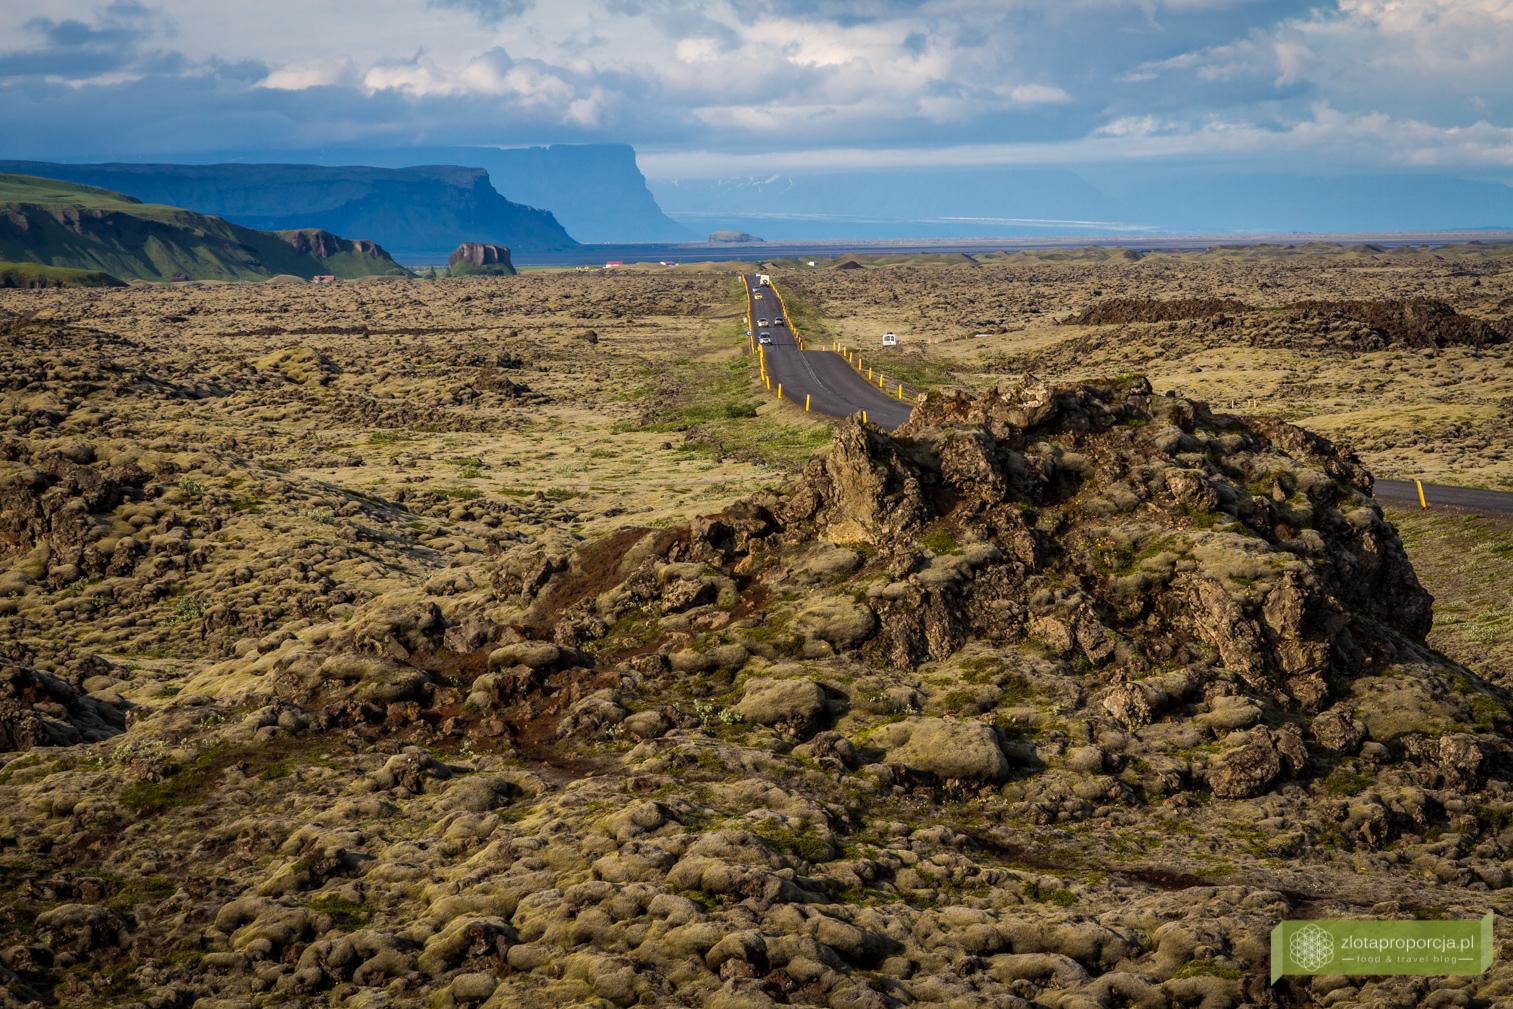 pola lawowe Skaftárhraun, lawowa pustynia, Południowo-wschodnia Islandia, Islandia, Islandia atrakcje, Islandia ciekawe miejsca